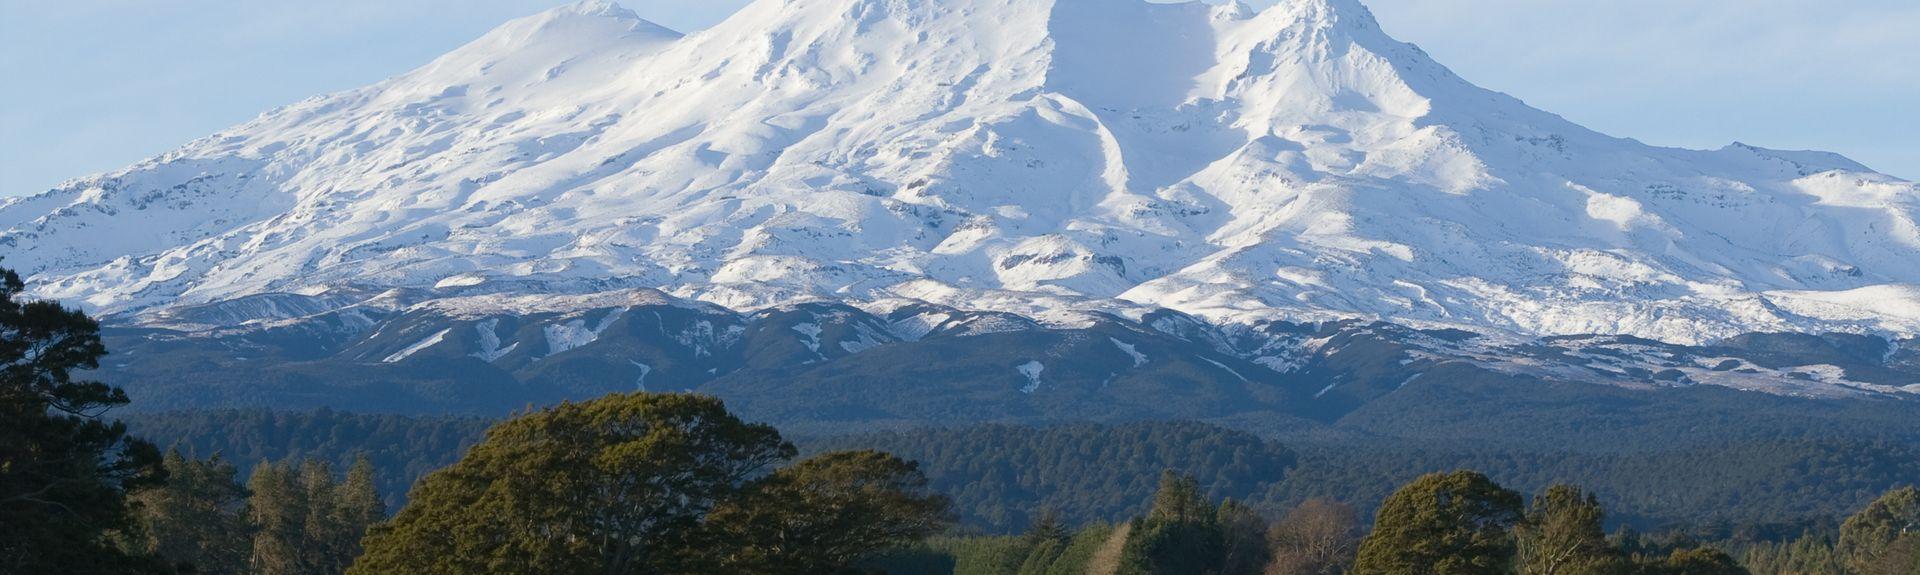 Ohakune, Ruapehu, Manawatu-Wanganui, New Zealand